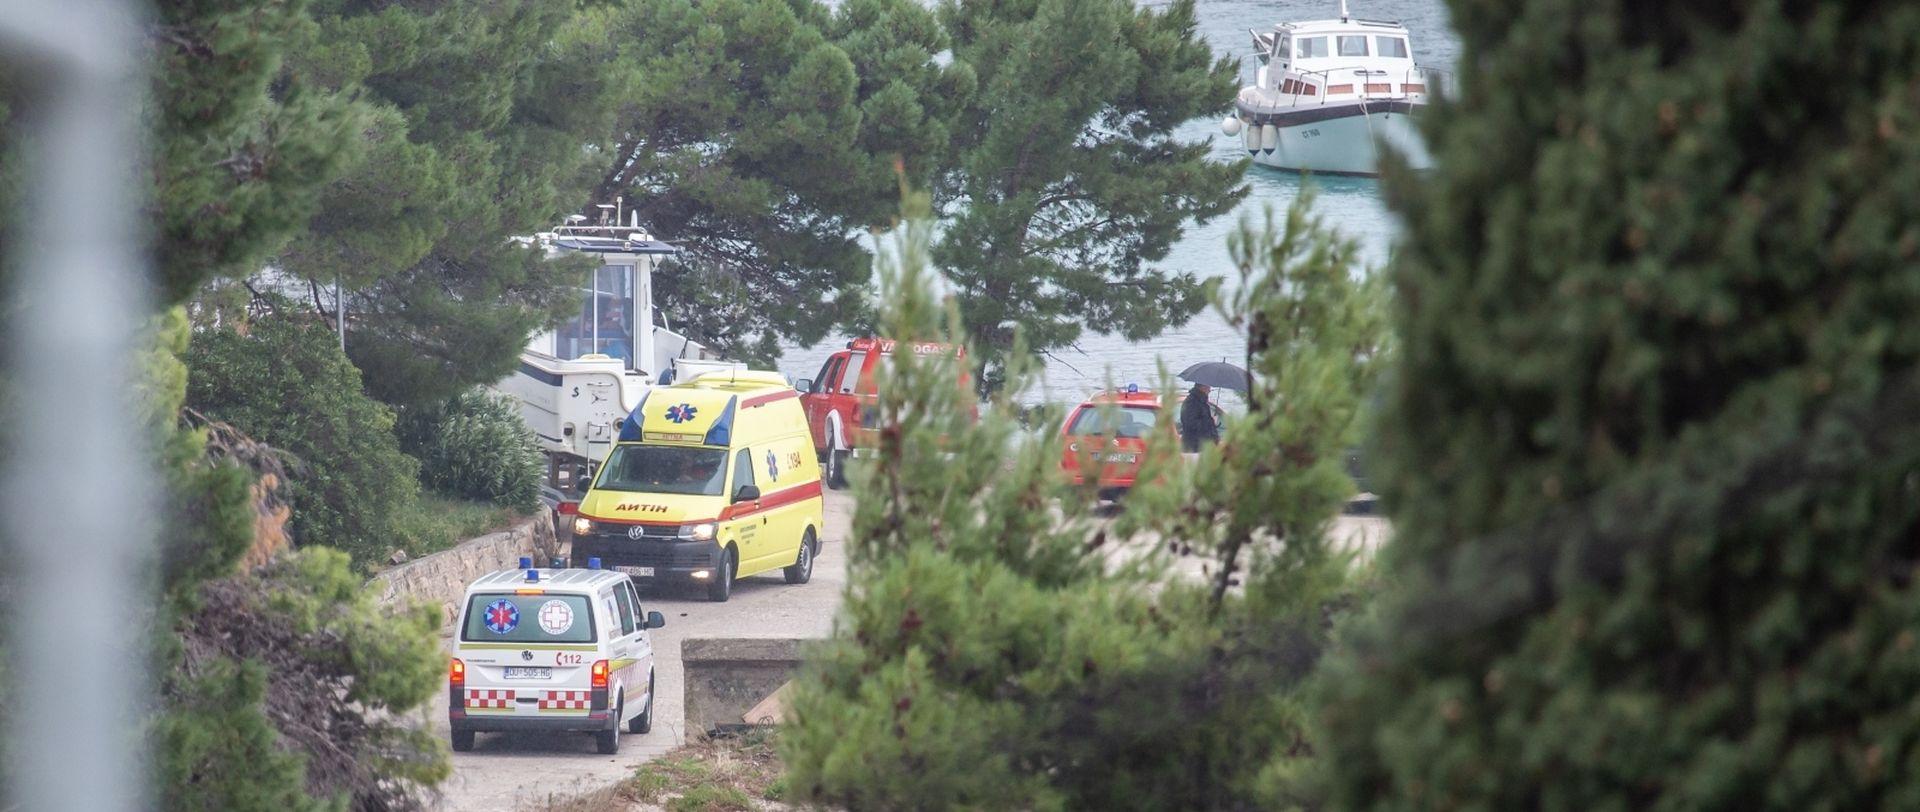 Nastavlja se potraga za trećim radnikom HE, pronađena mrtva tijela dvojice